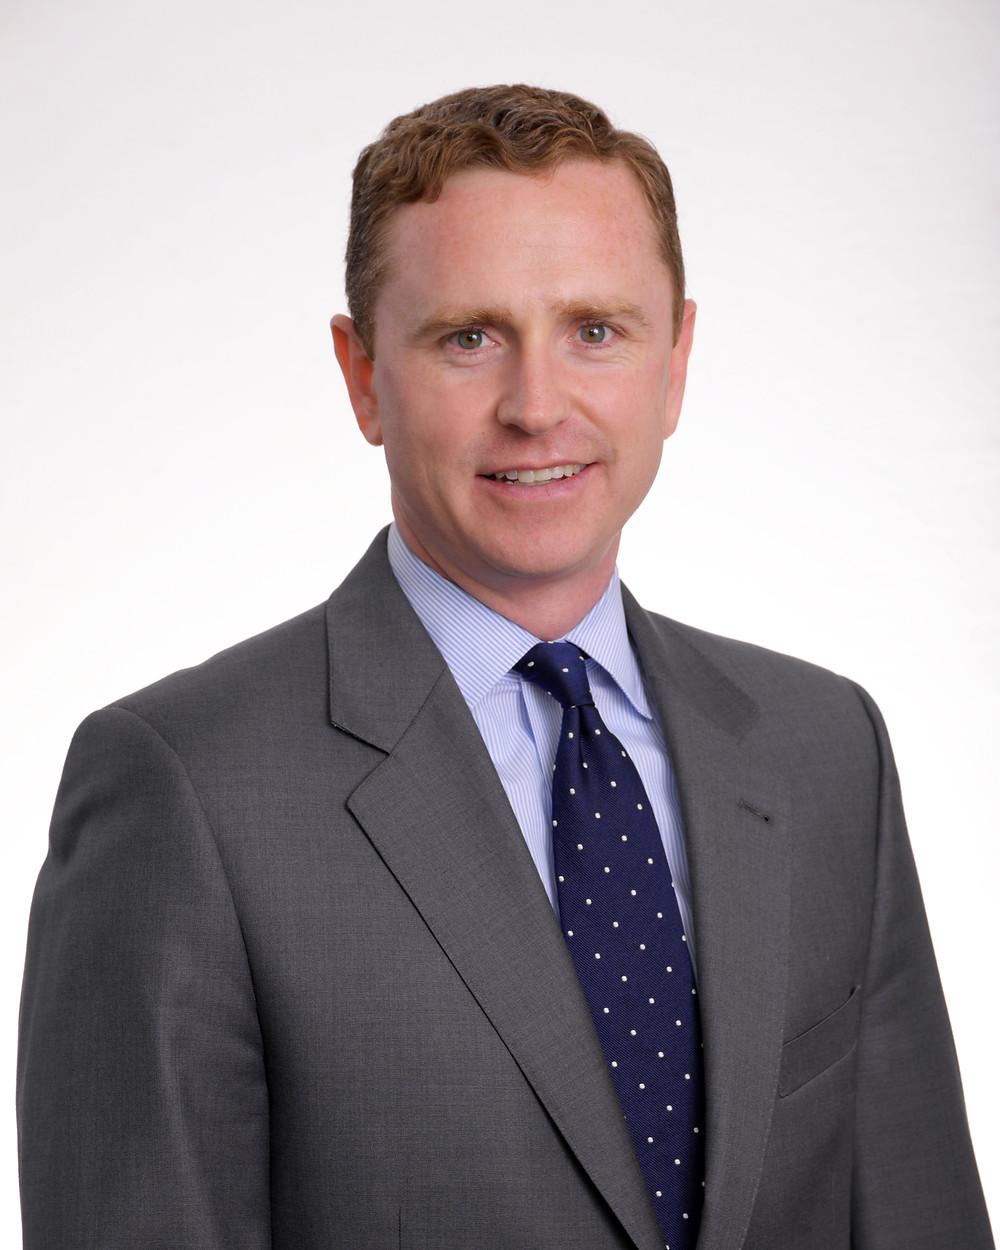 Conor Ryan